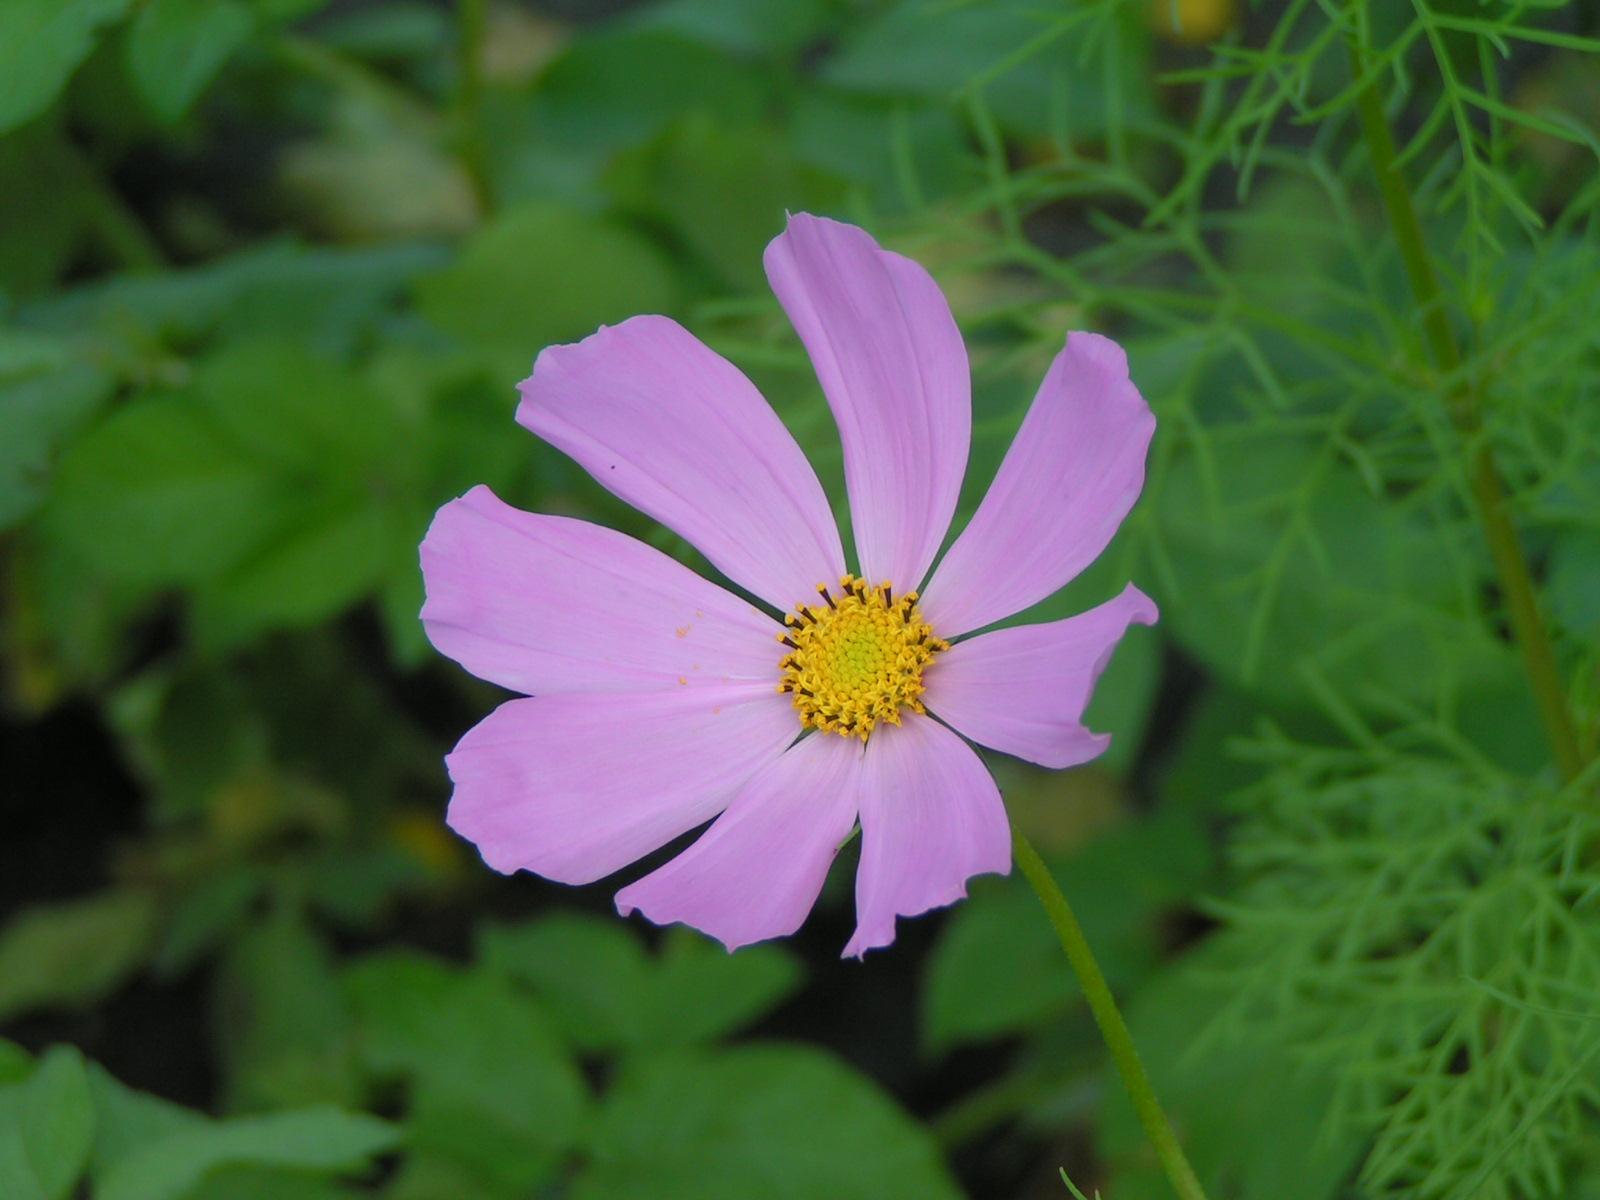 Цветок с 5 лепестками название и фото